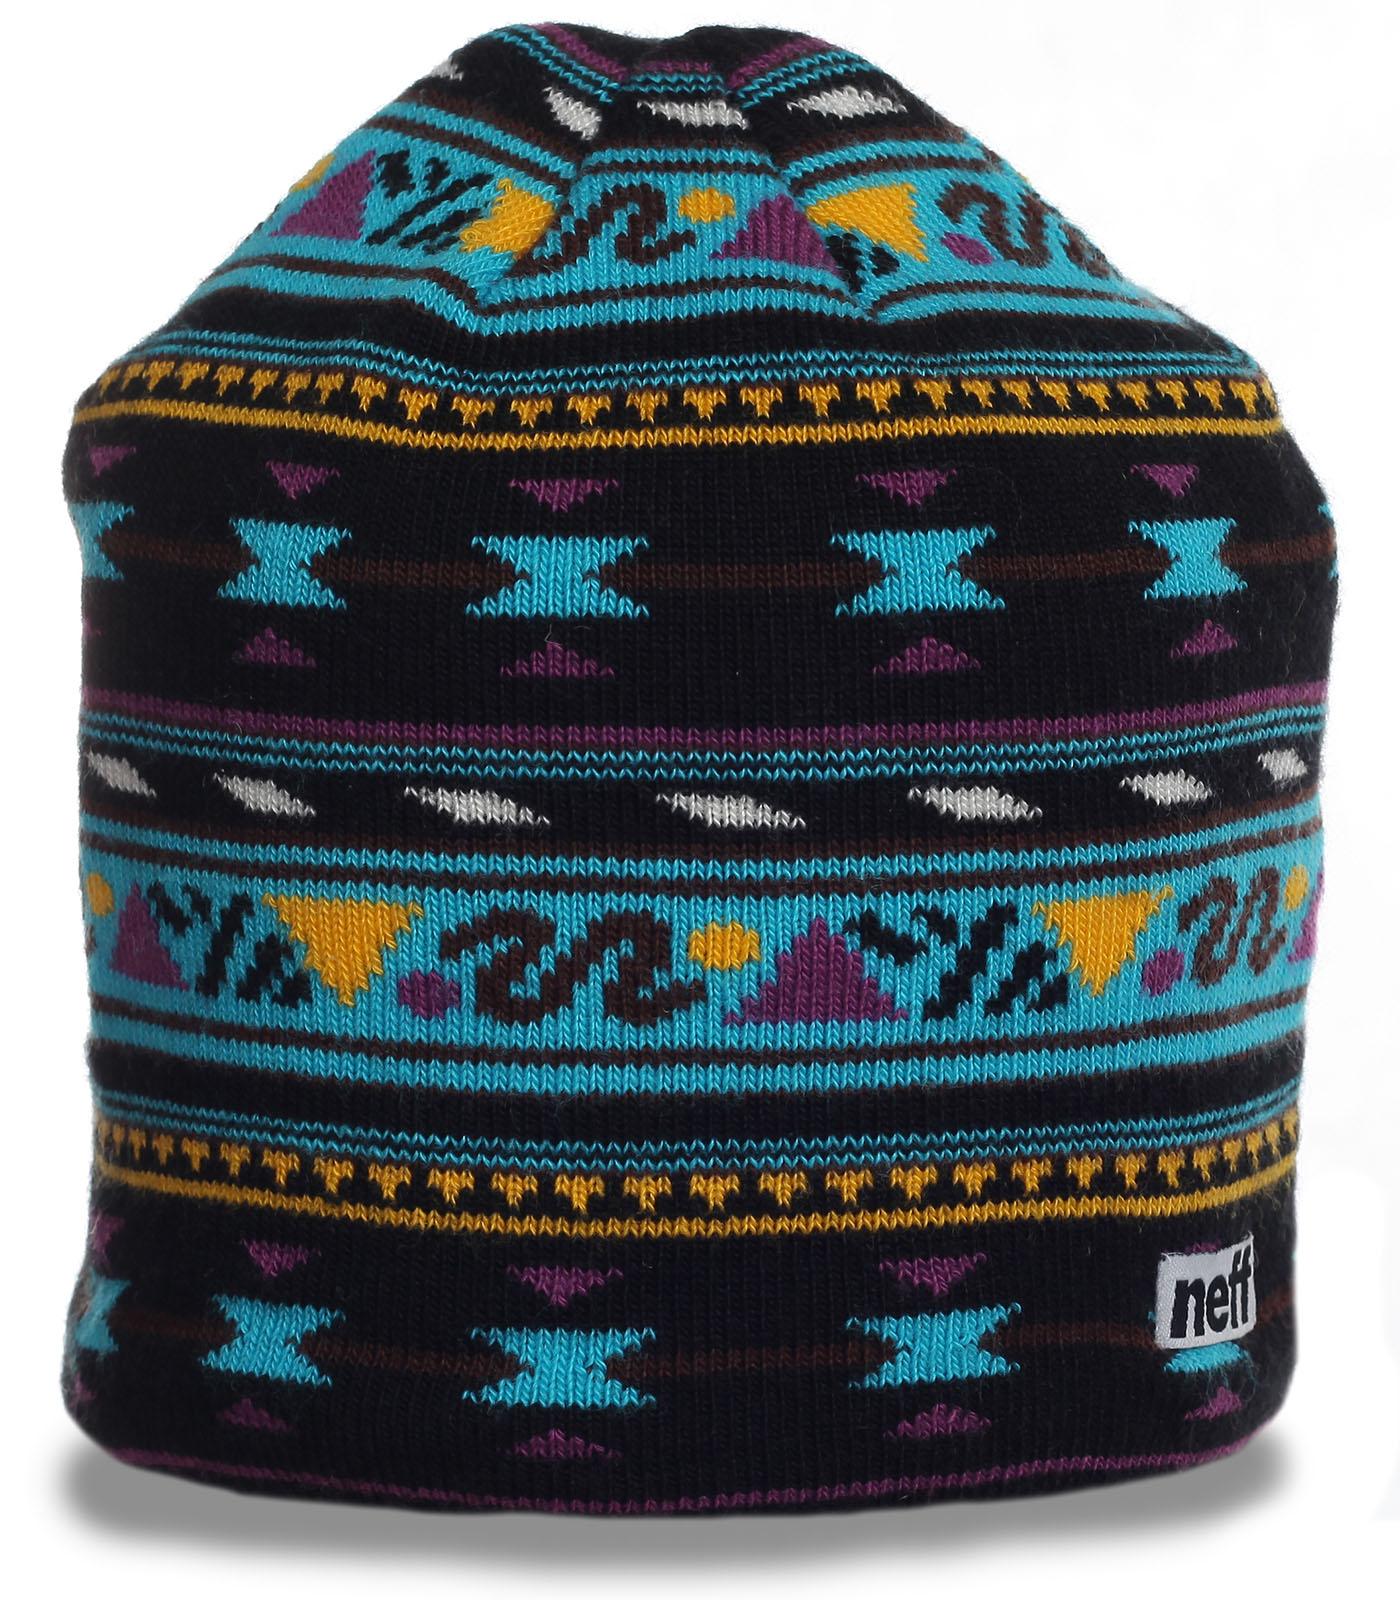 Зимняя жаккардовая шапка бини бренда Neff отличный выбор в гардероб ценителю стиля